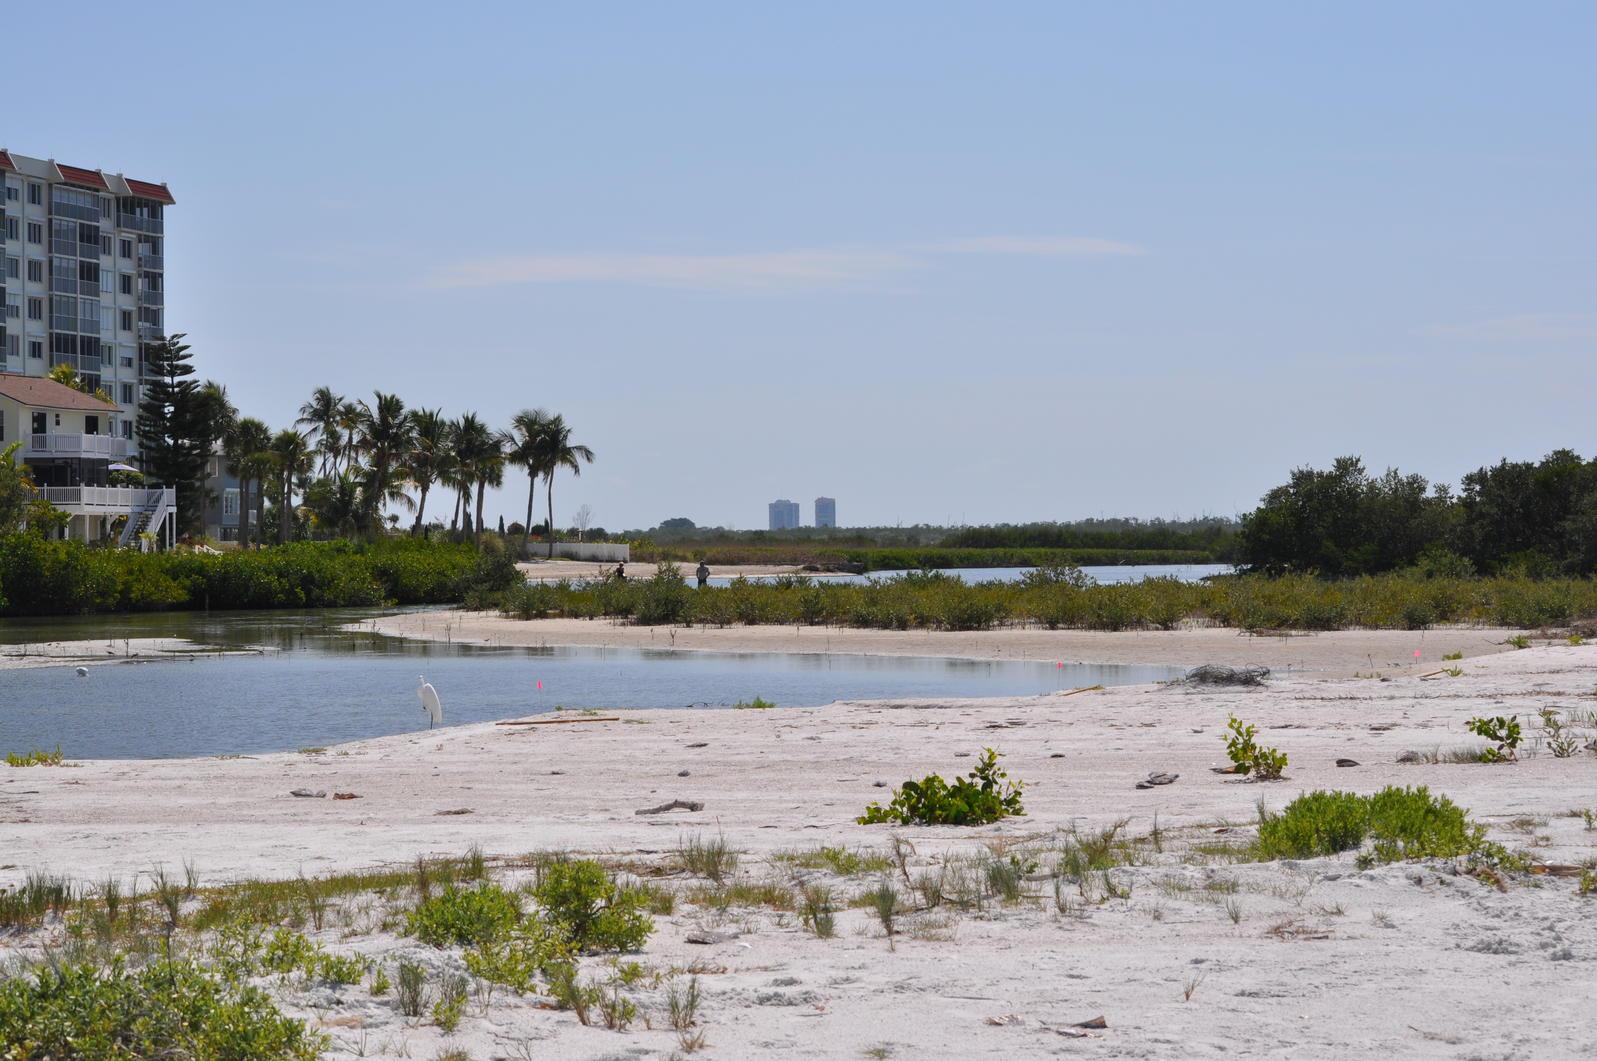 Little Estero CWA beach